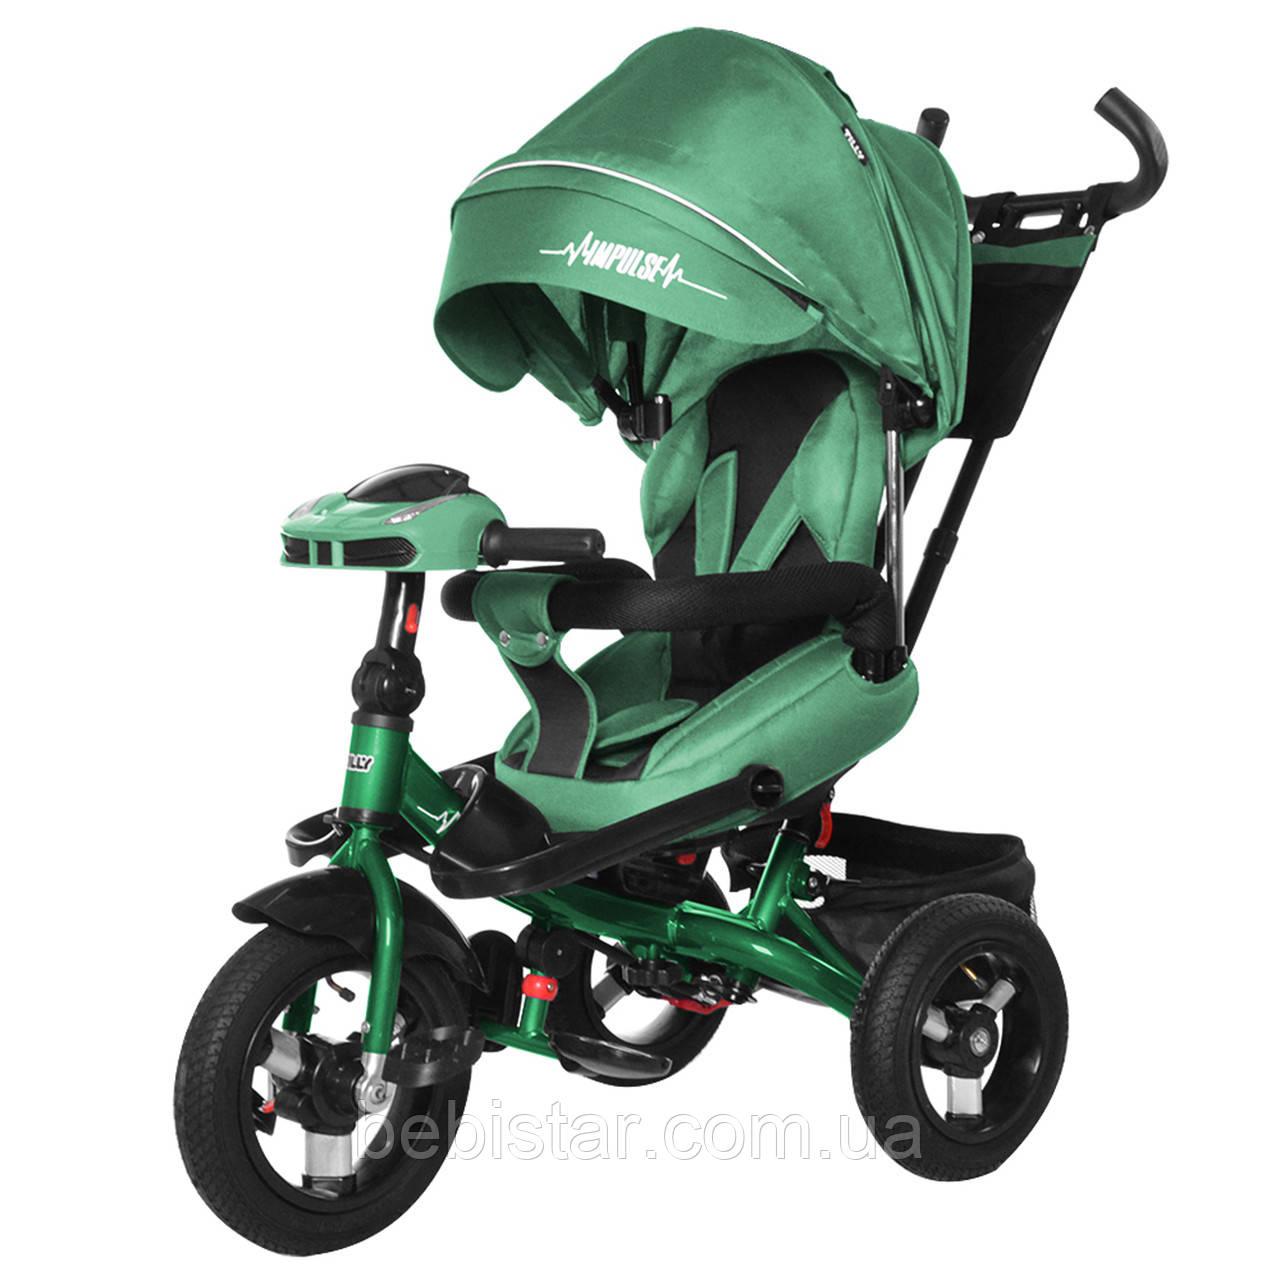 Трехколесный велосипед зеленый TILLY Impulse Т-386 с пультом на надувных колесах музыка и свет